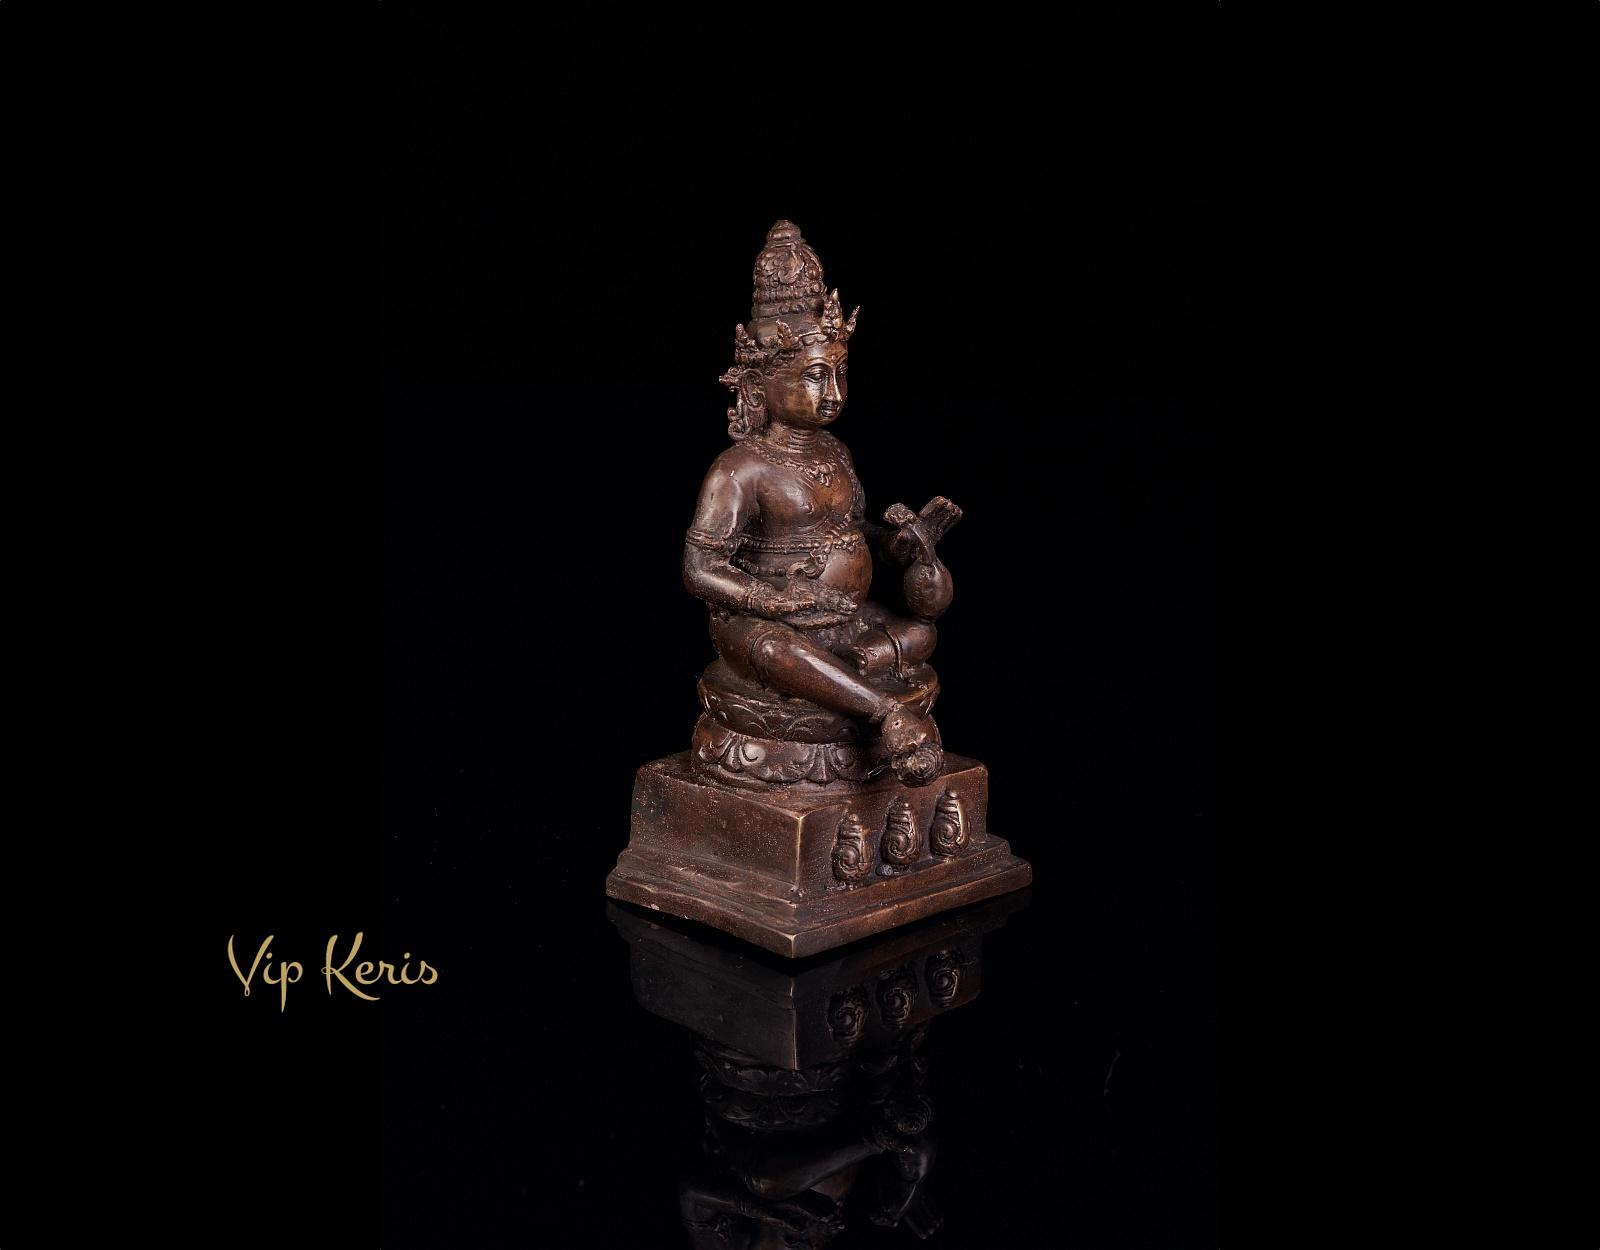 Кубера. Старинная бронзовая статуя. фото VipKeris